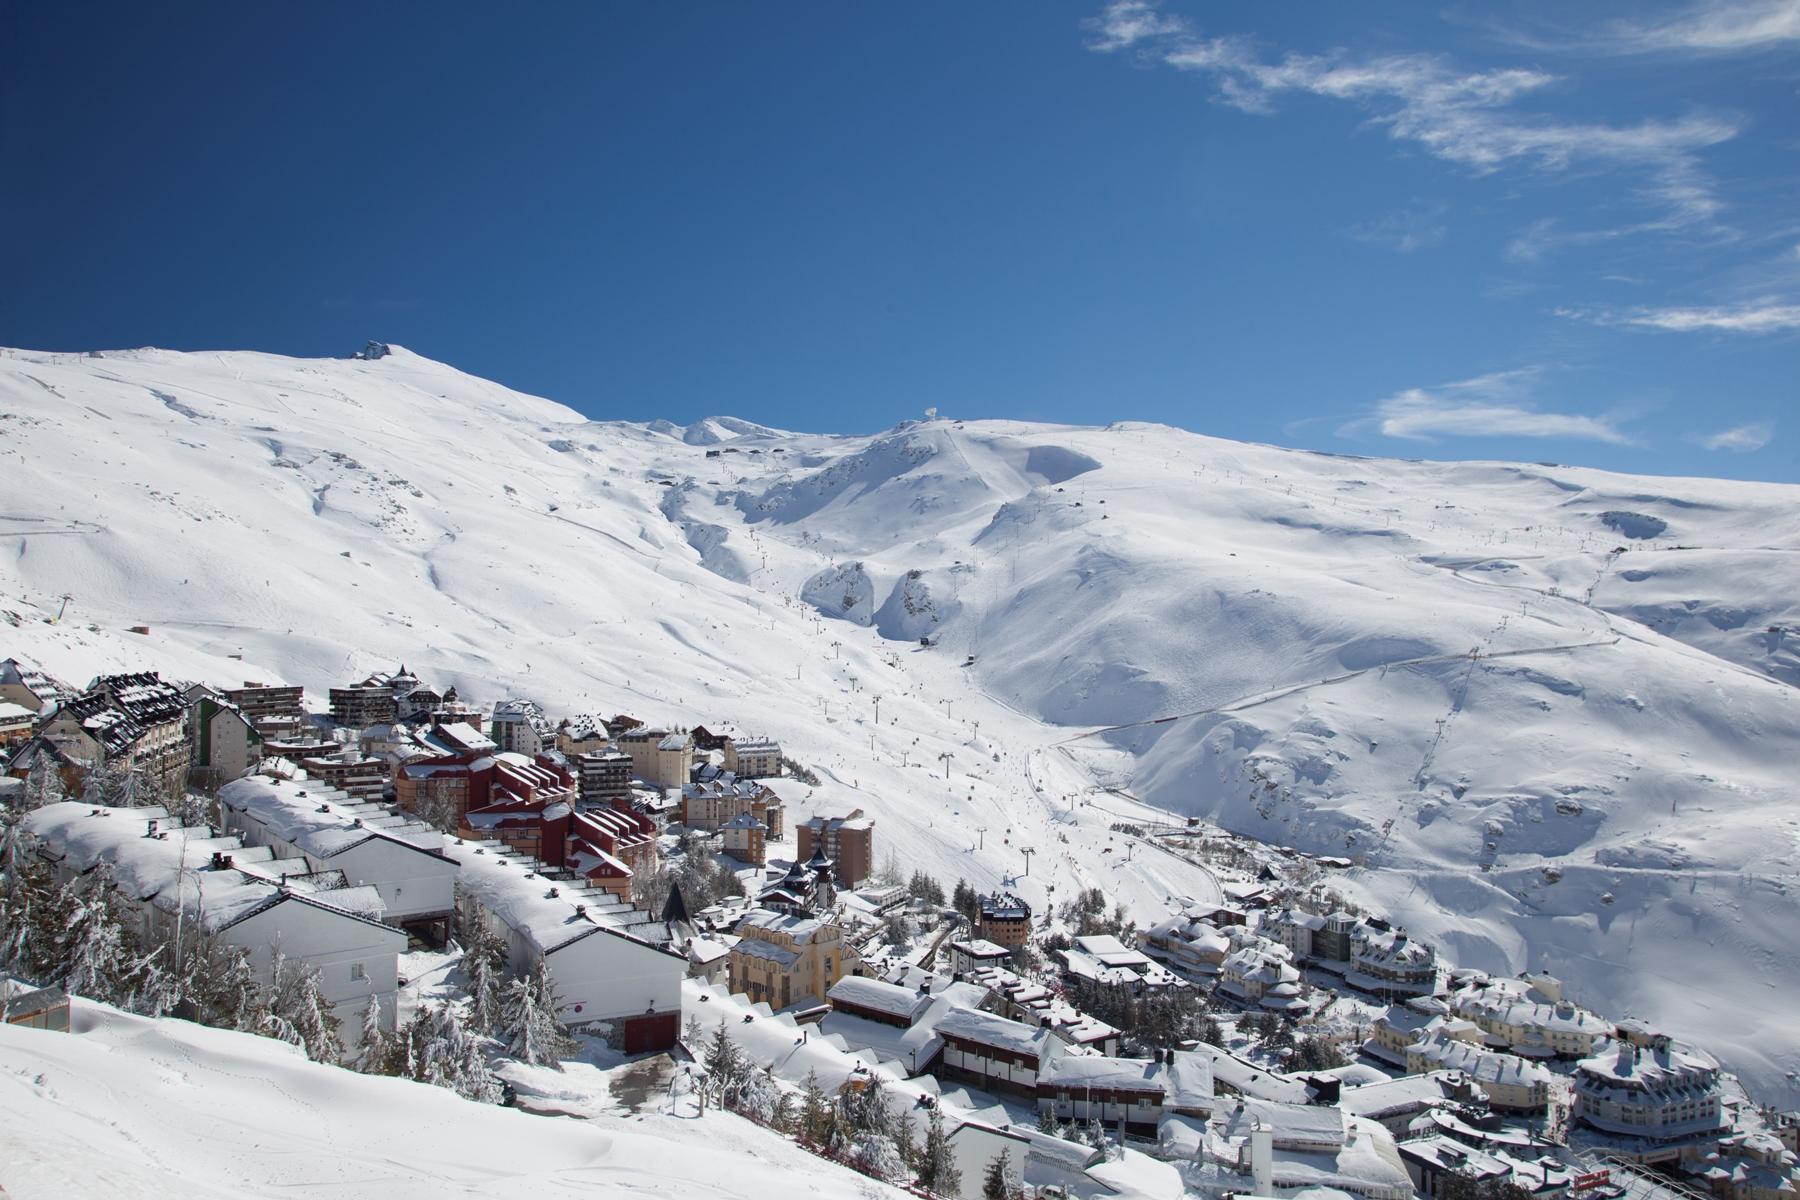 Sierra Nevada ofrece más de 110 kilómetros esquiables divididos en 131 pistas de todos los colores